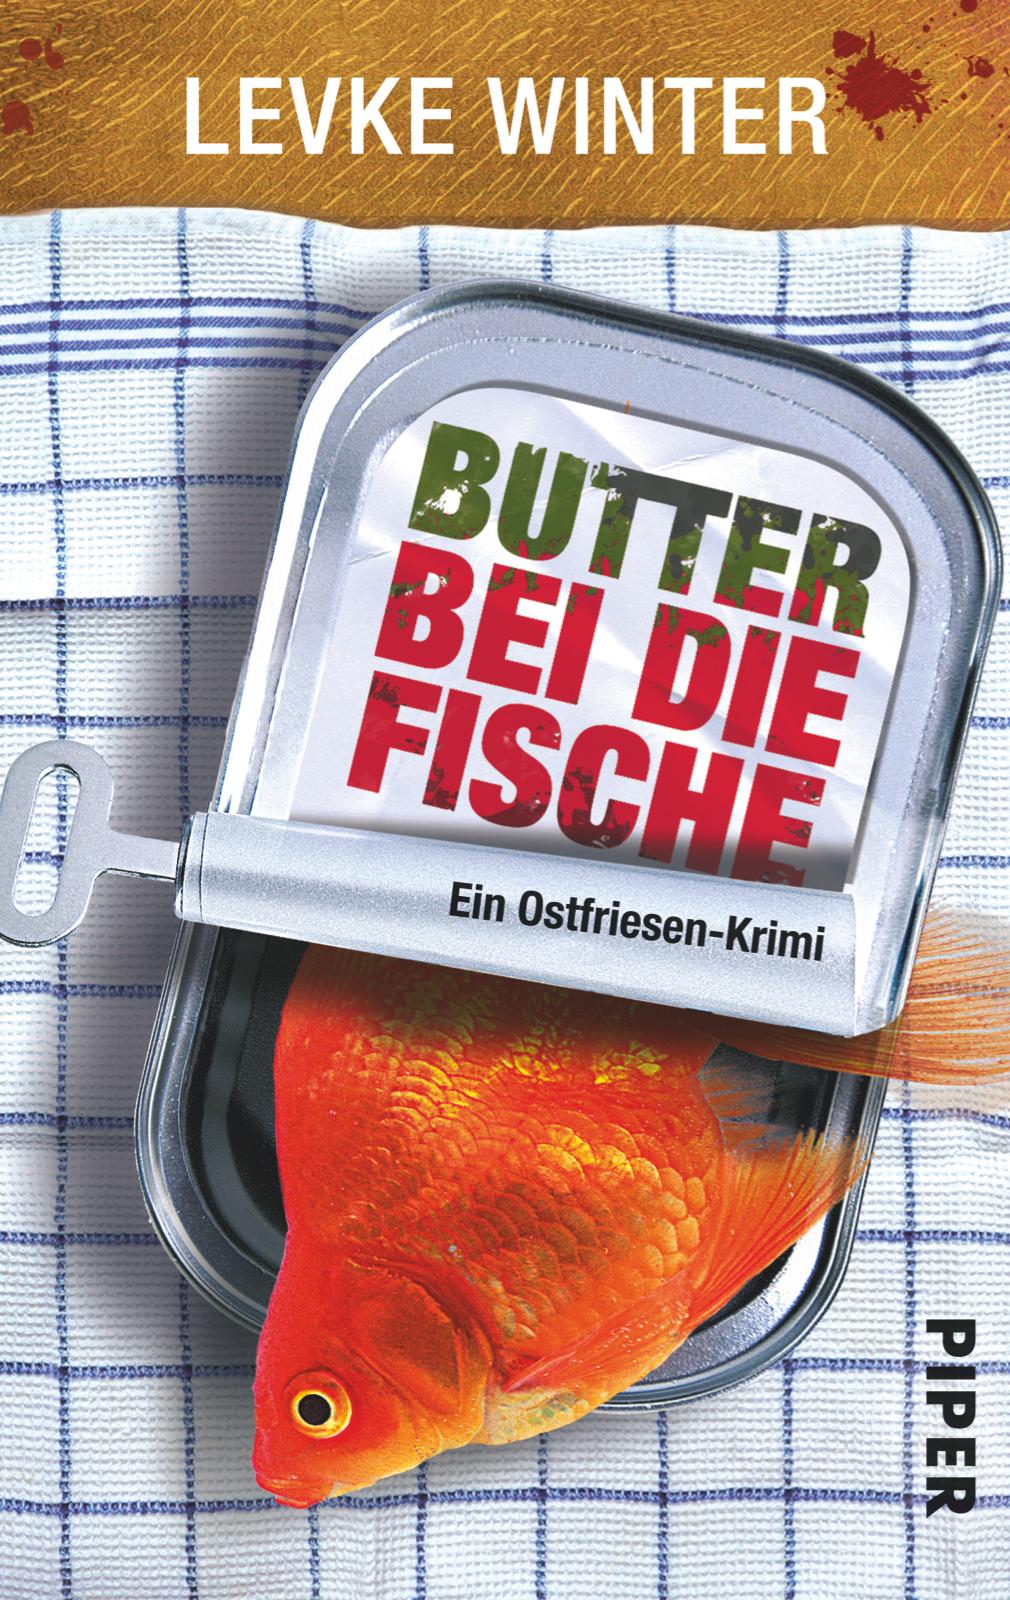 ButterbeidieFische